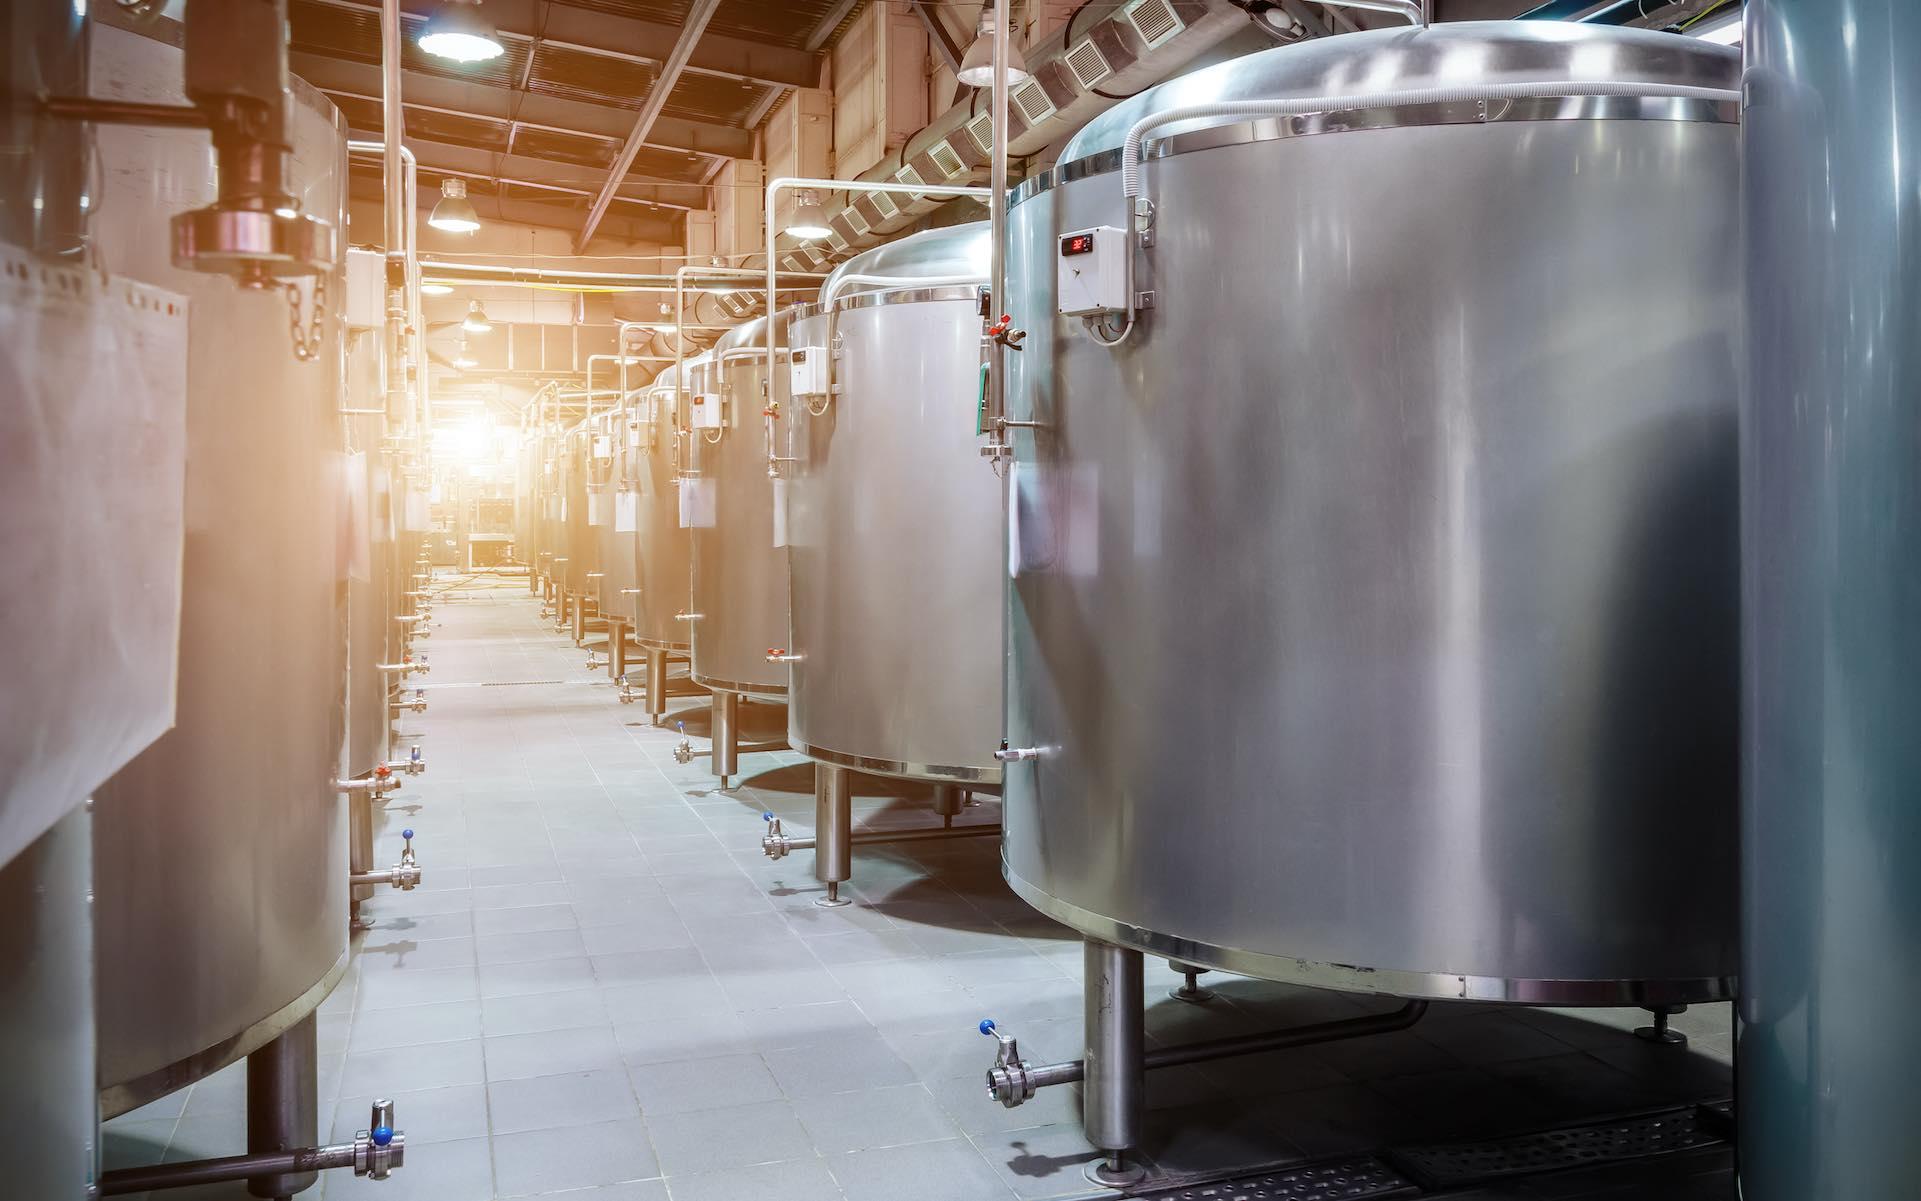 yeast fermentation, rare cannabinoids